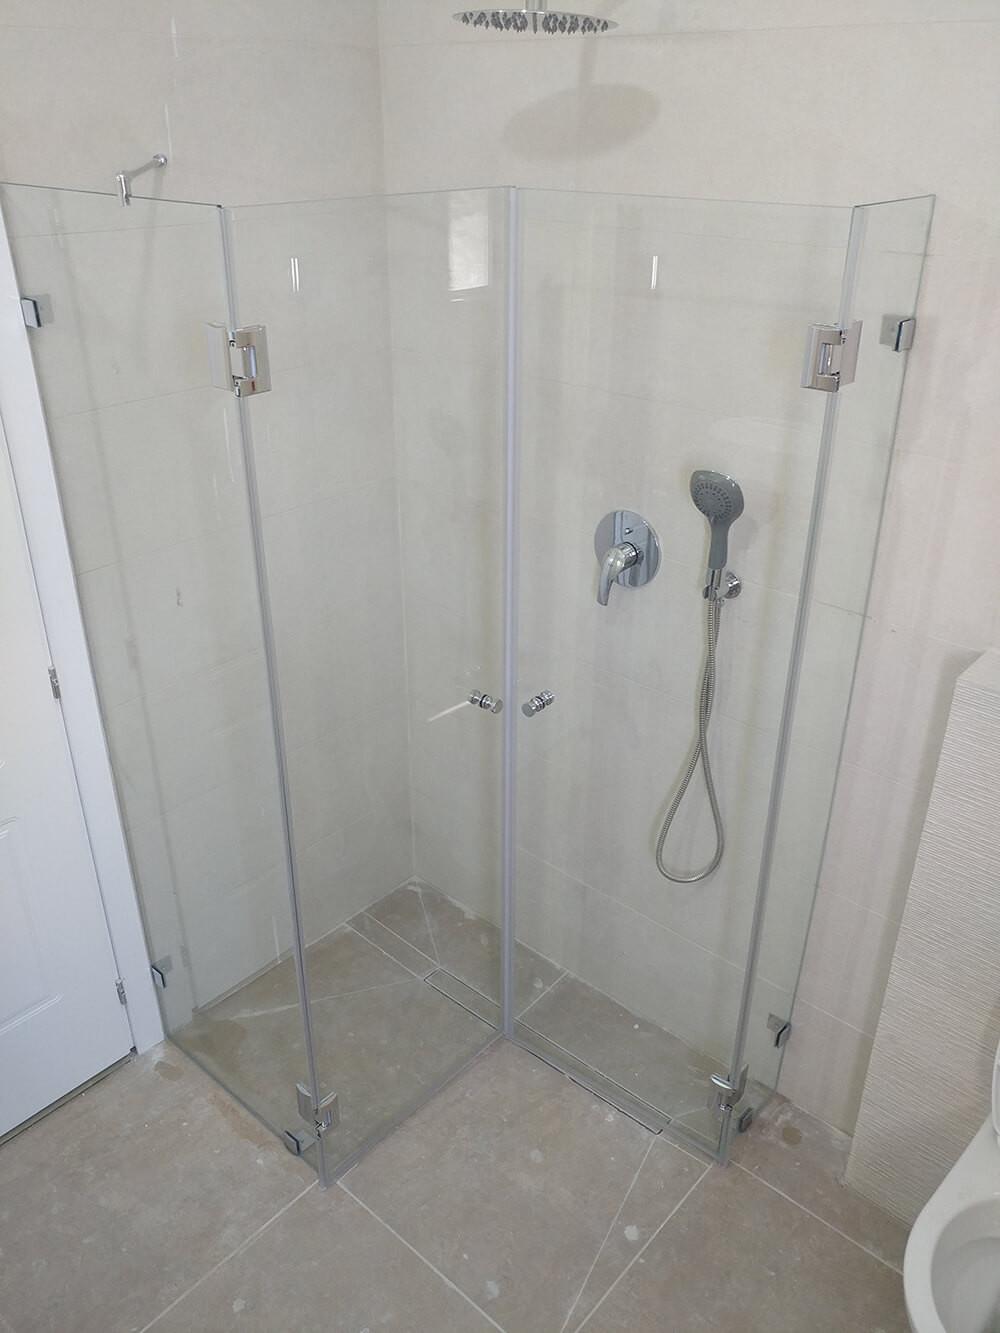 מקלחון פינתי מותקן - מקלחון פתוח פנים